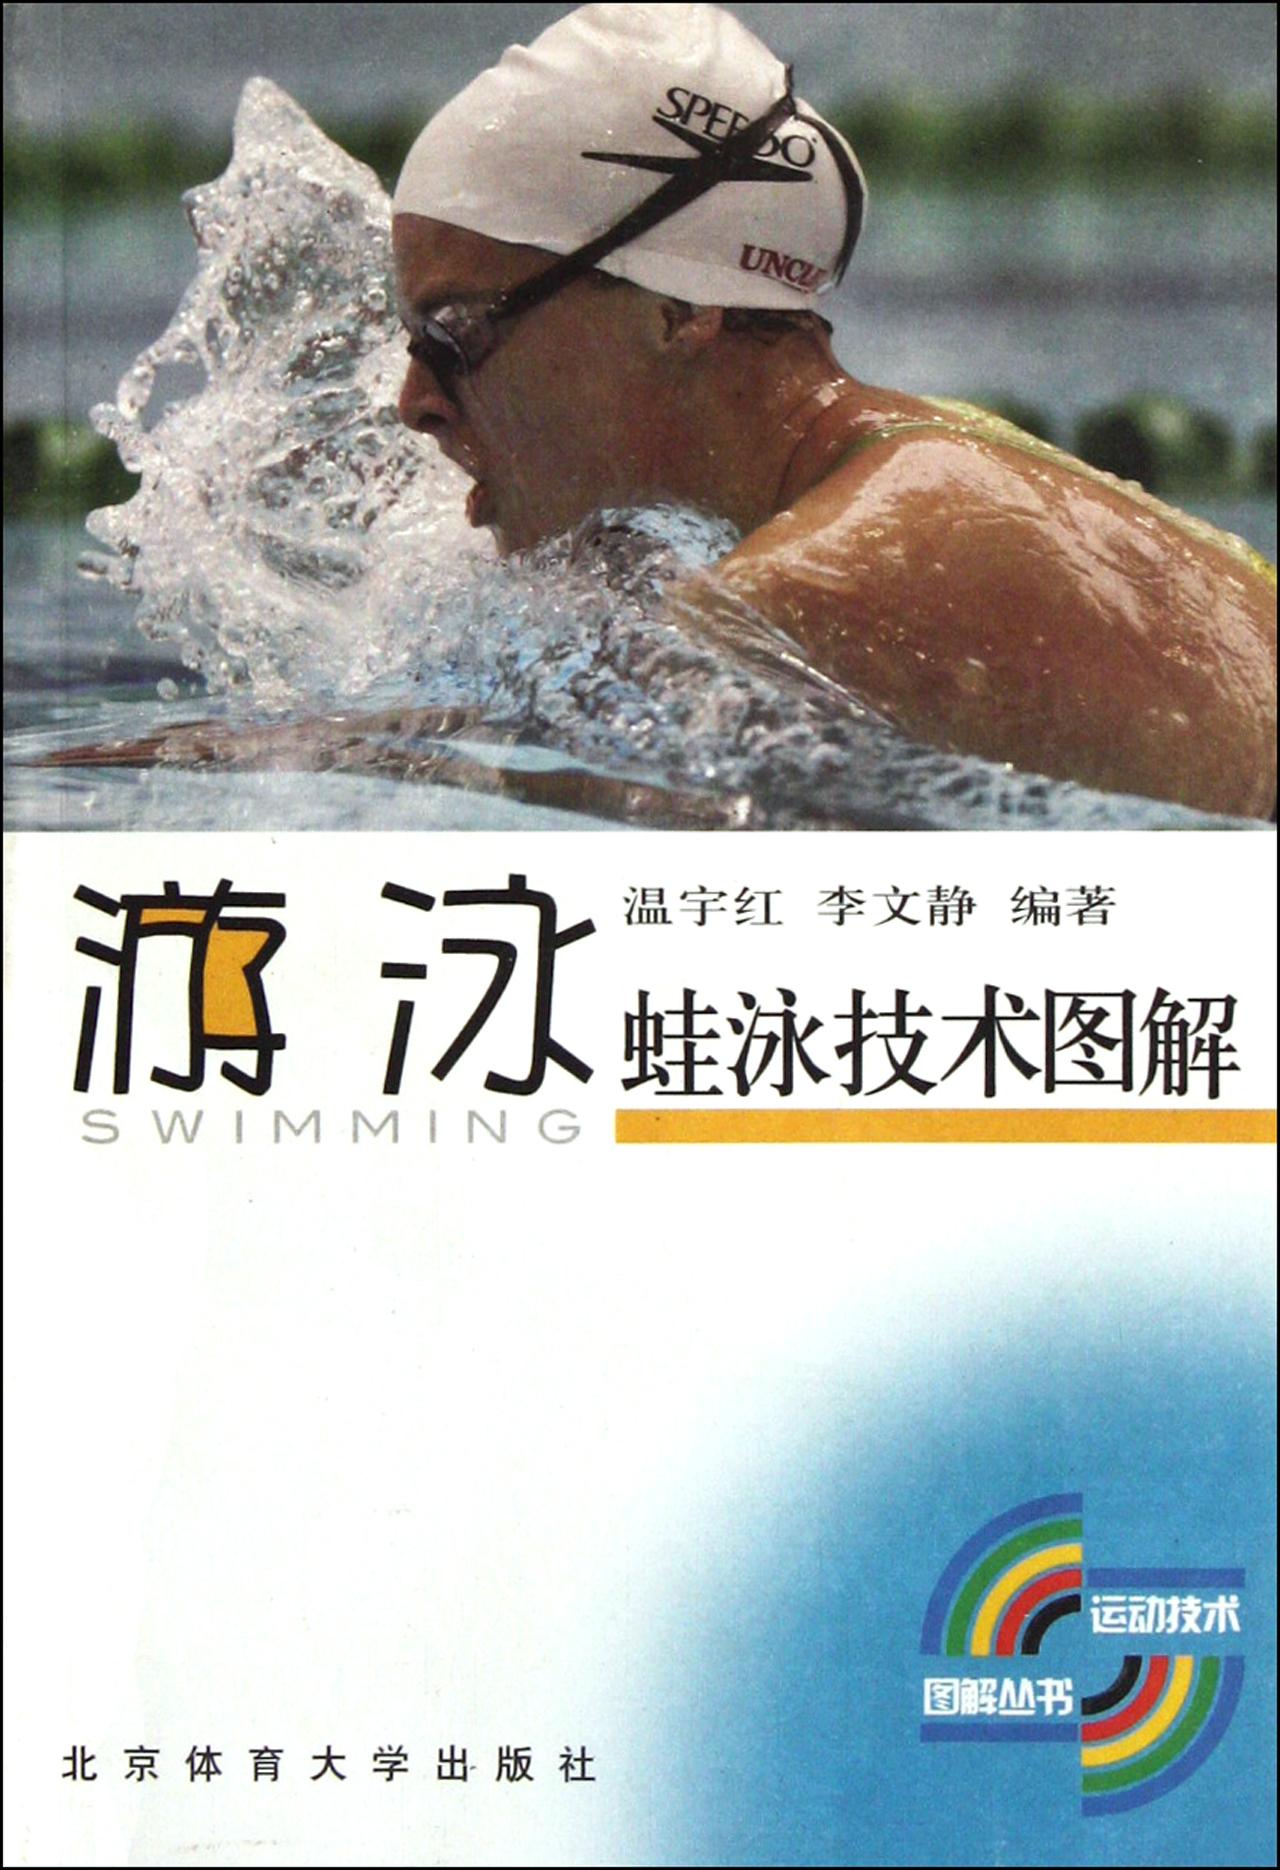 游泳(蛙泳技术图解)